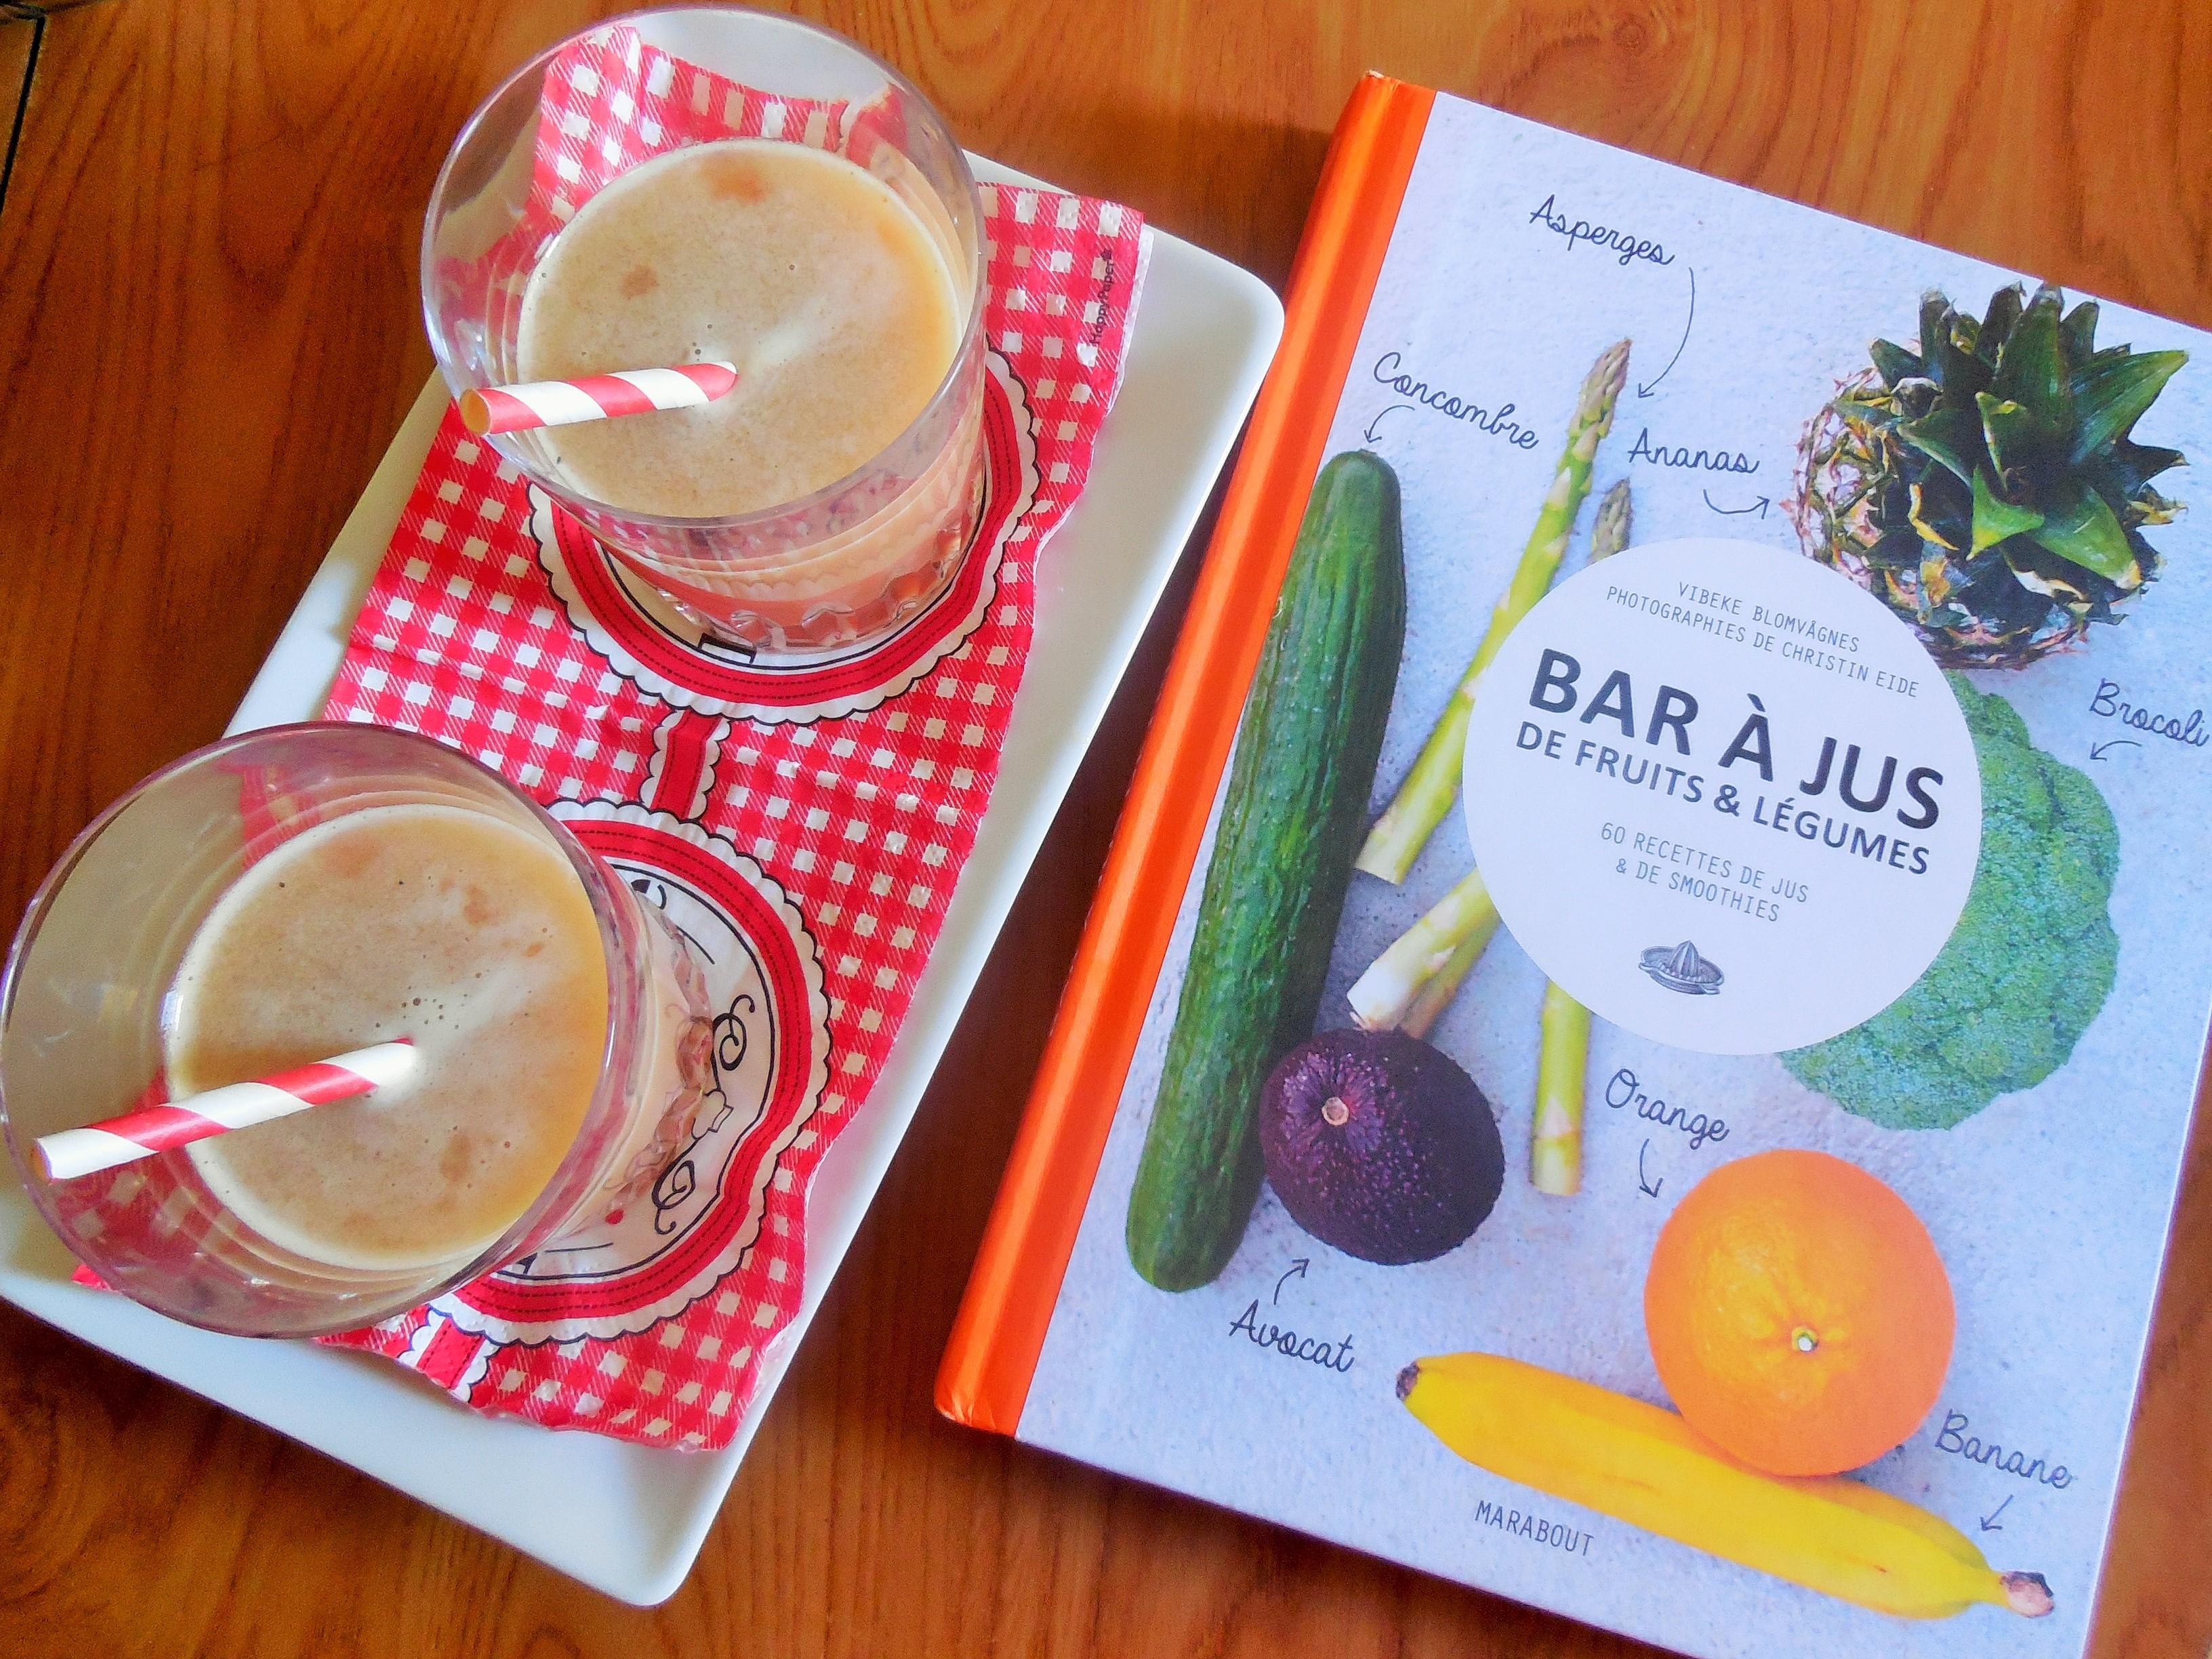 jus-de-pomme-concombre-et-grenade (1)